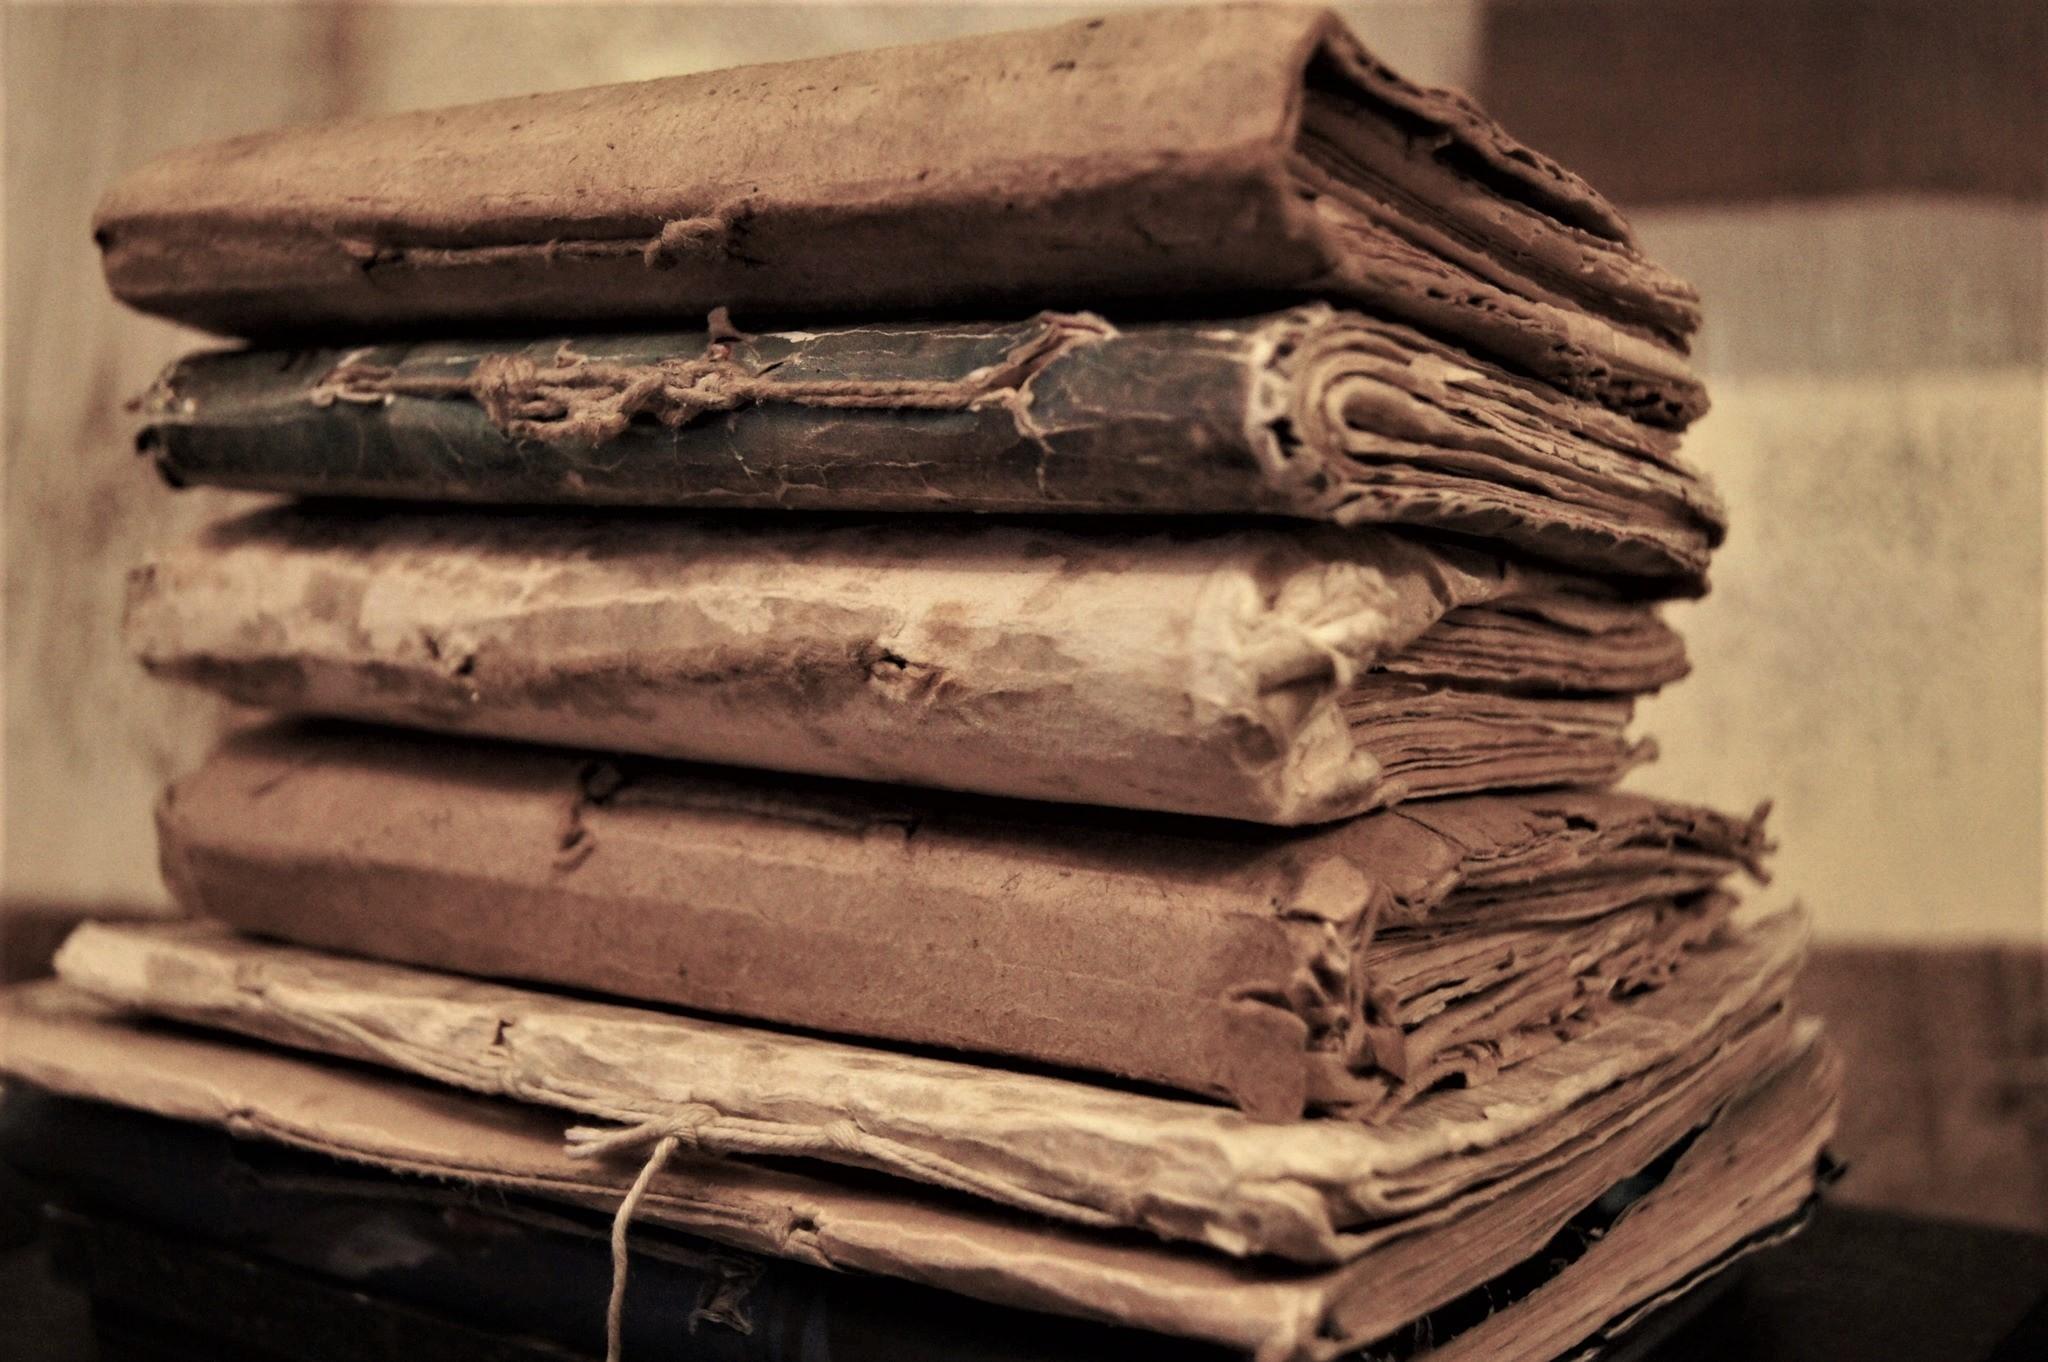 Dorëshkrimet e përkthimet të Veprës së Hygoit mbi Shekspirin